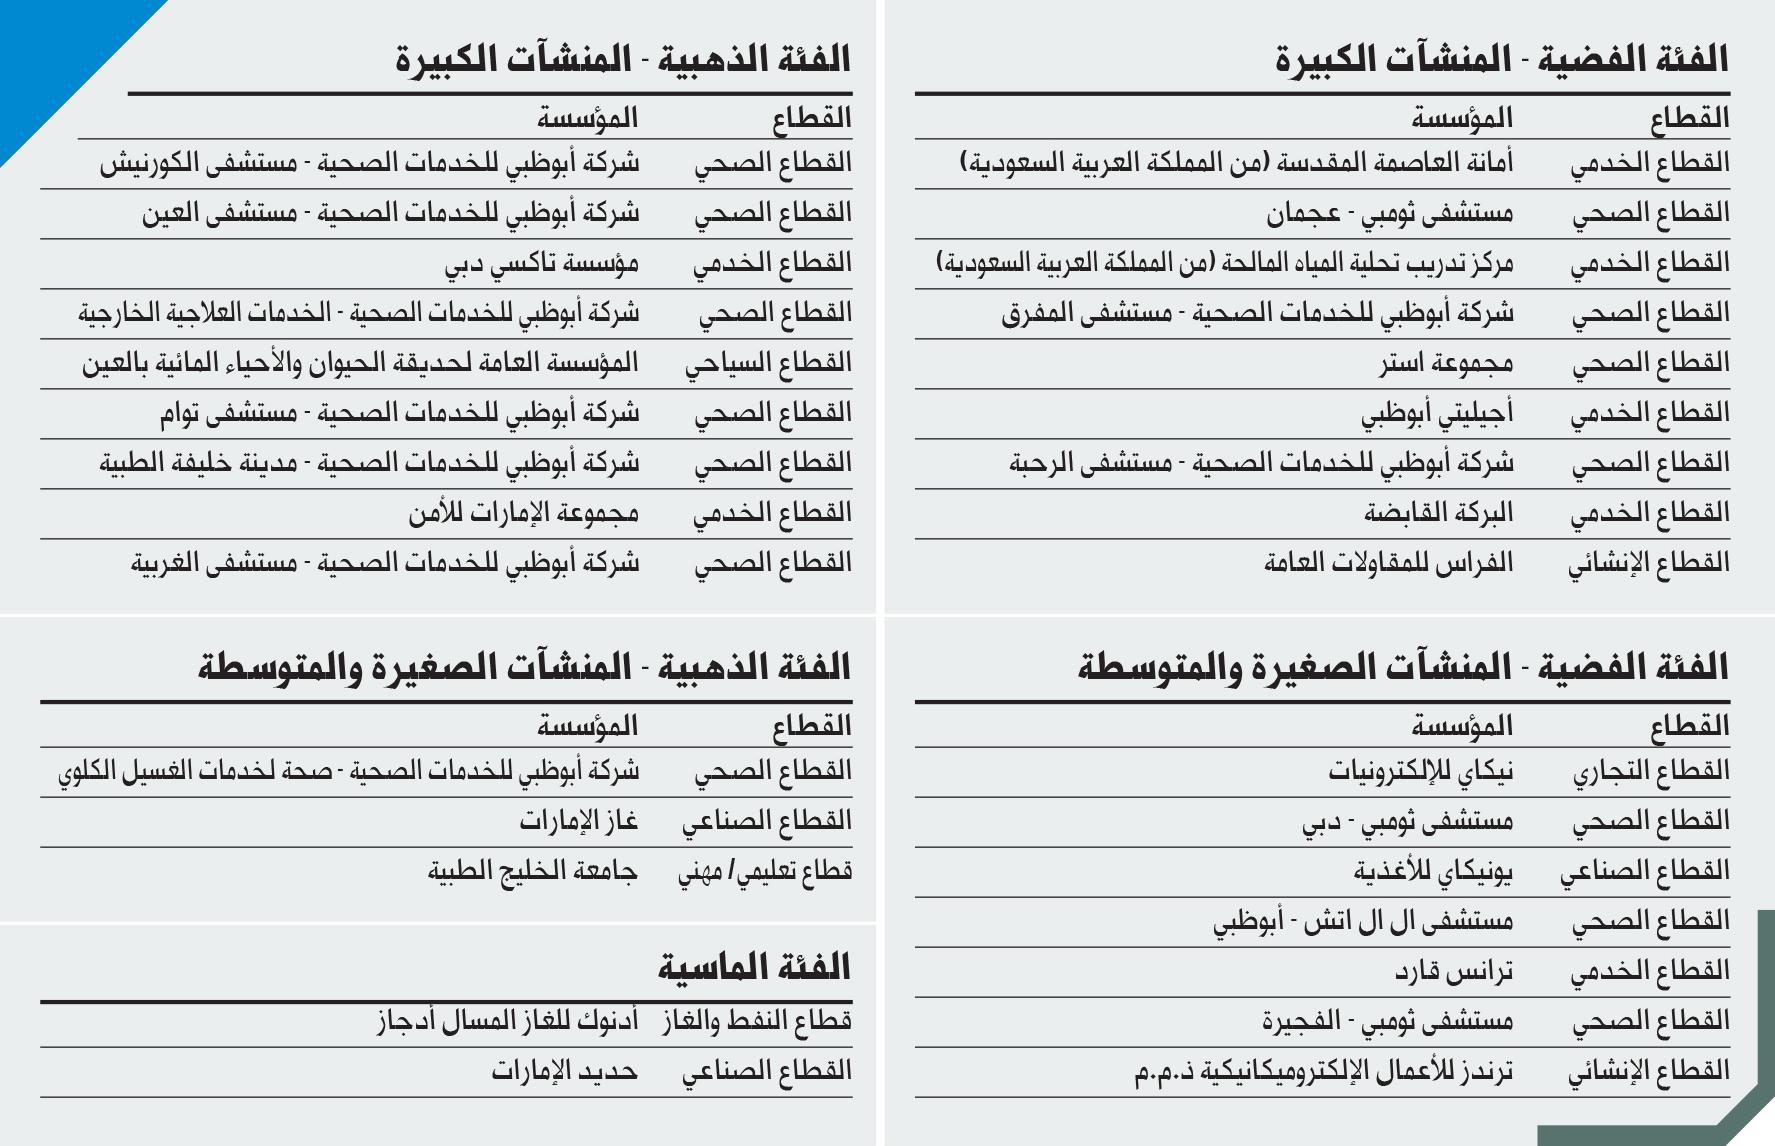 33 جهة تفوز بجائزة الشيخ خليفة للامتياز البيان